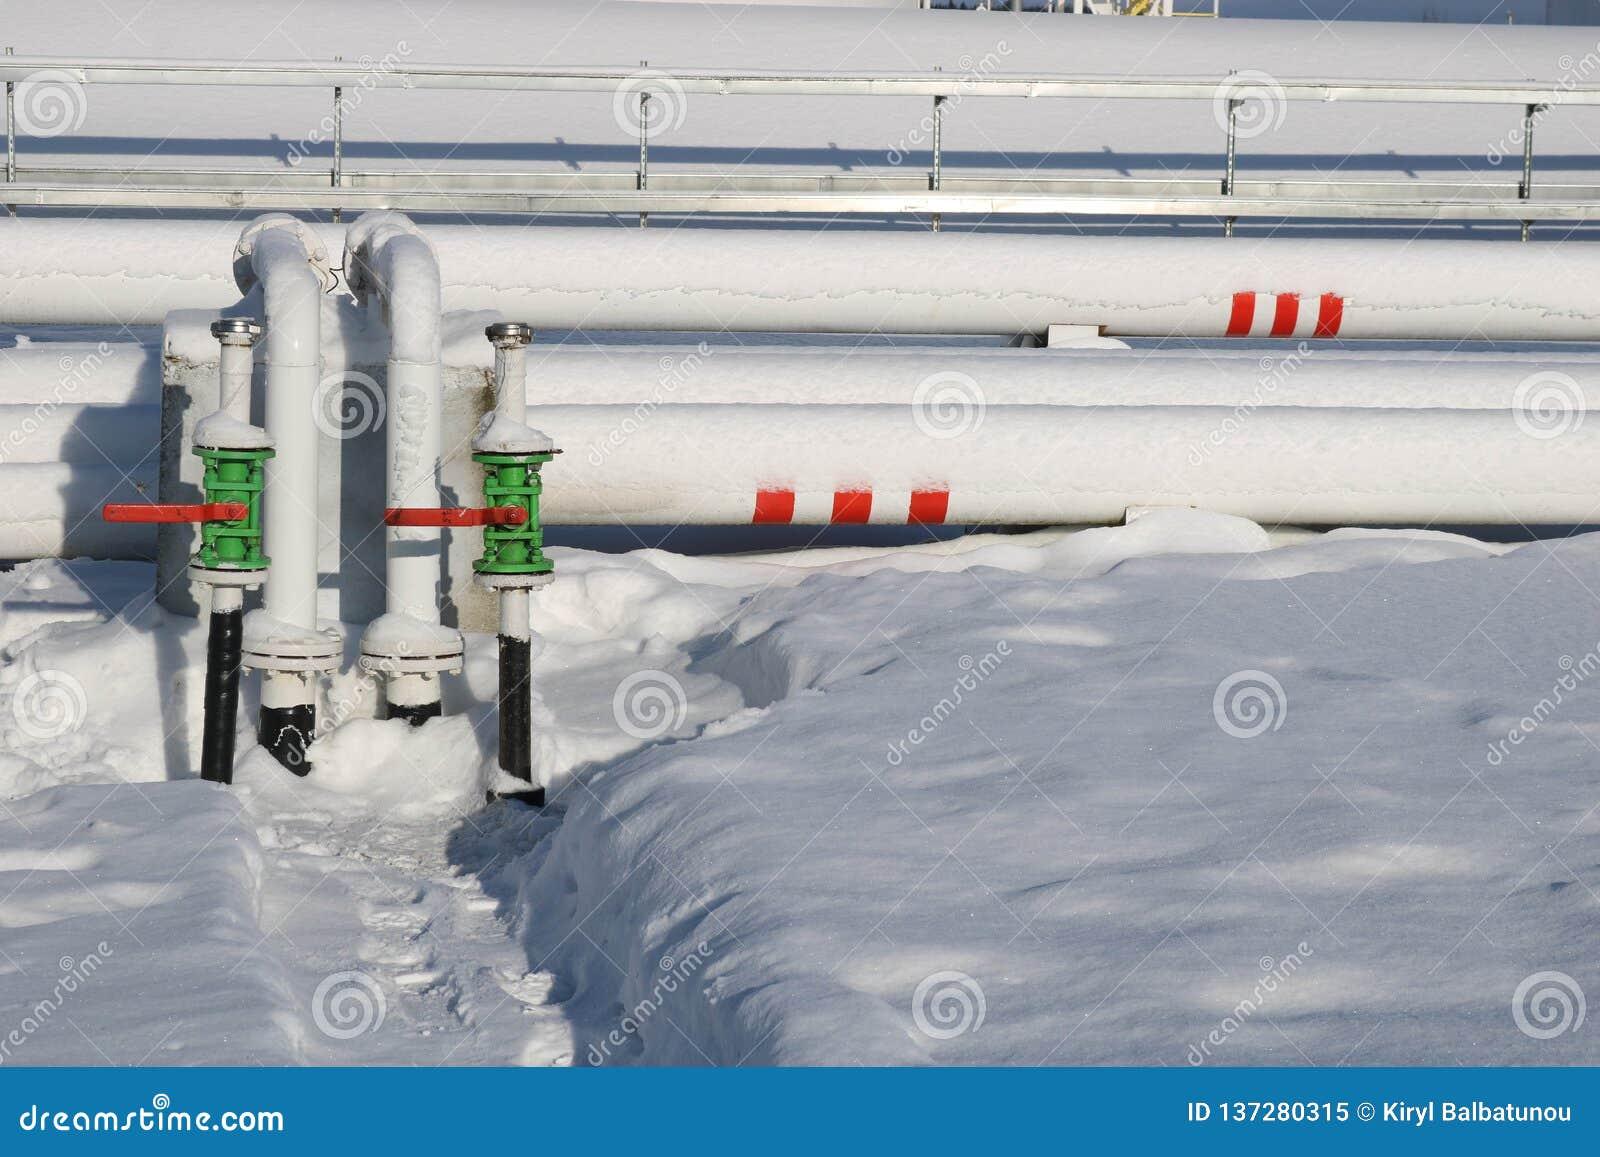 Los tanques industriales del metal blanco grande del hierro para el almacenamiento del combustible, gasolina y diesel y tubería c